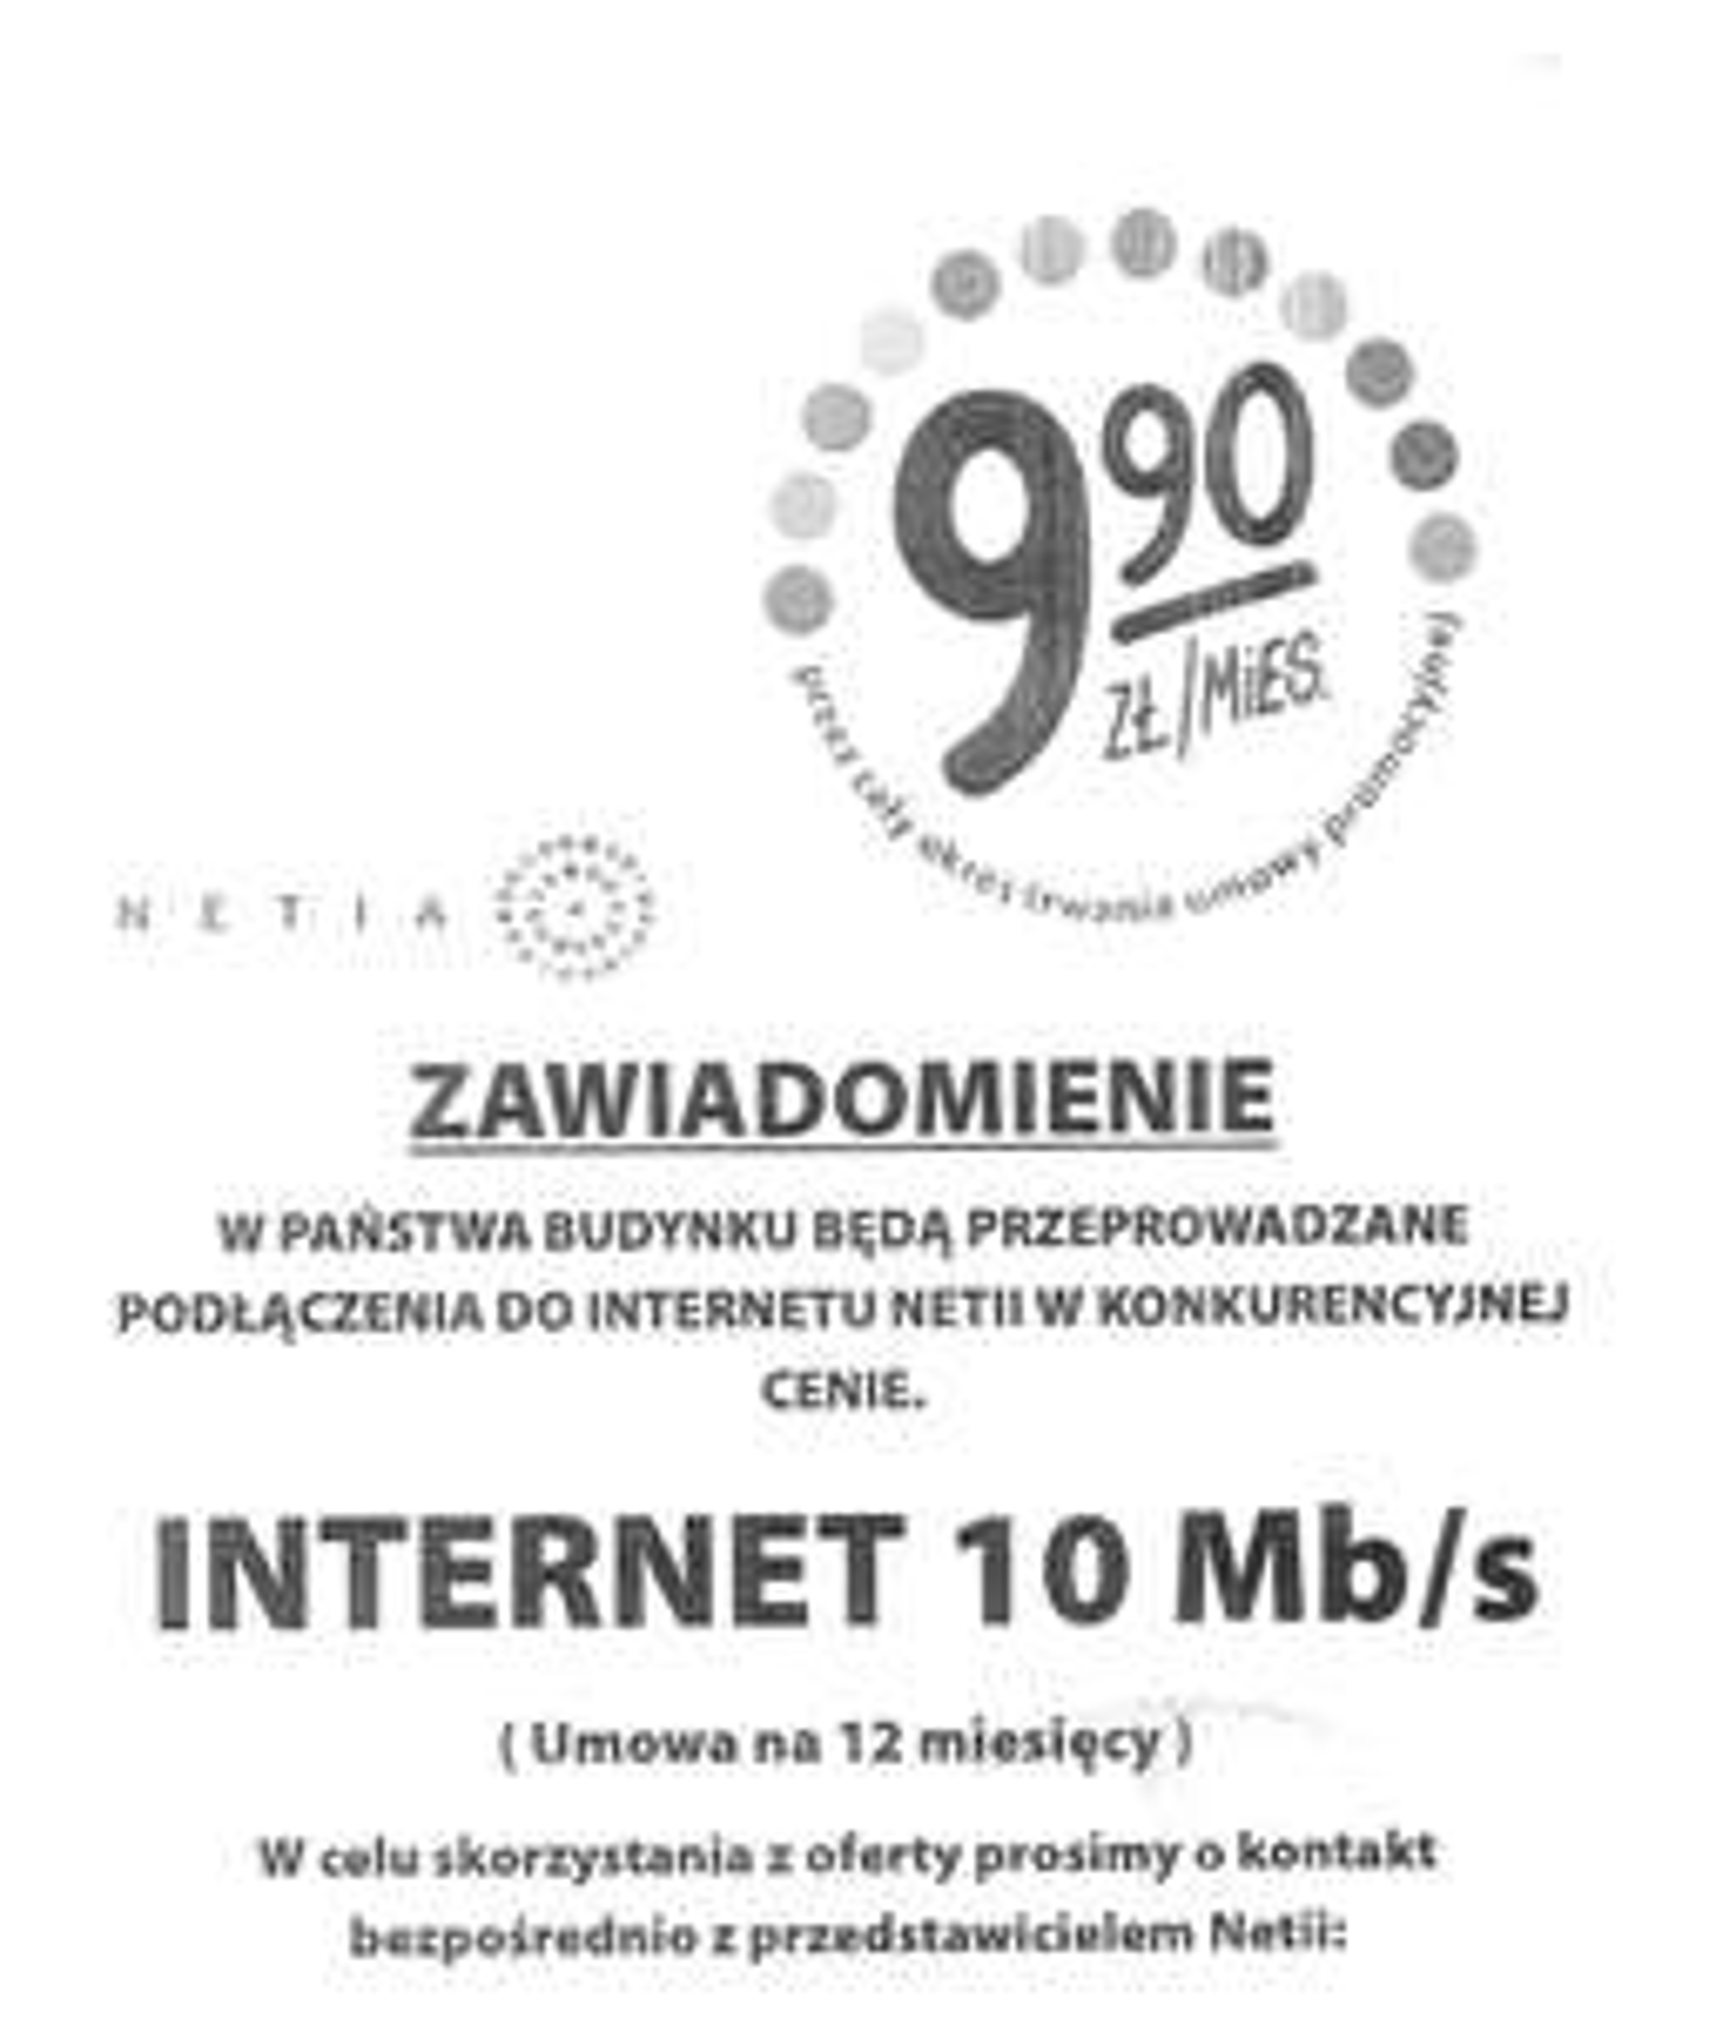 Netia- dostęp szerokopasmowy 10 Mb/s za 999 groszy miesięcznie